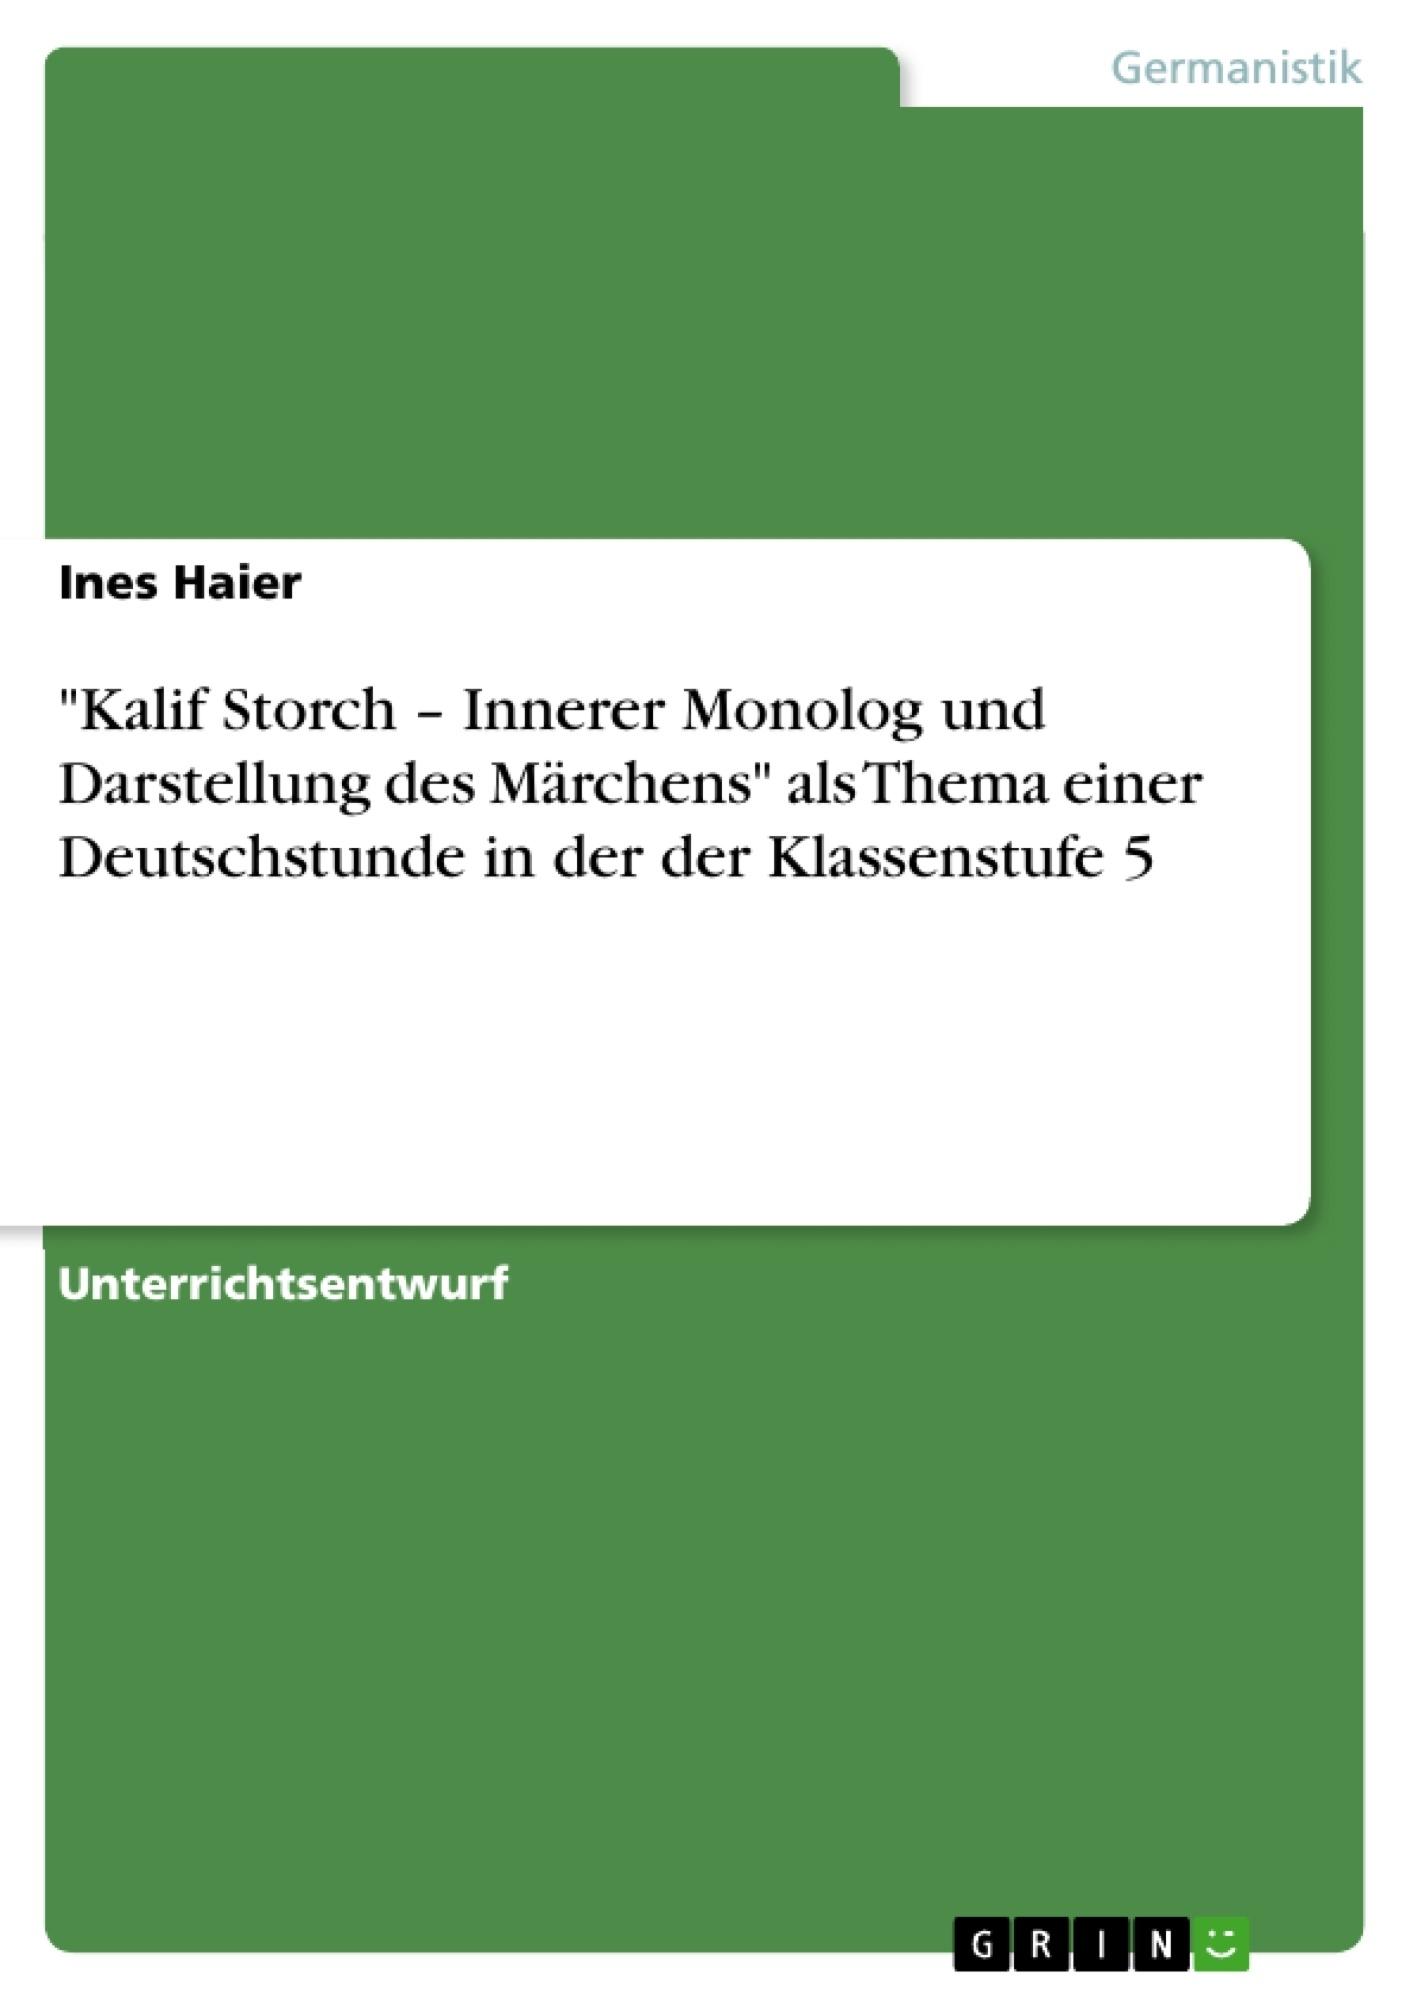 """Titel: """"Kalif Storch – Innerer Monolog und Darstellung des Märchens"""" als Thema einer Deutschstunde in der der Klassenstufe 5"""